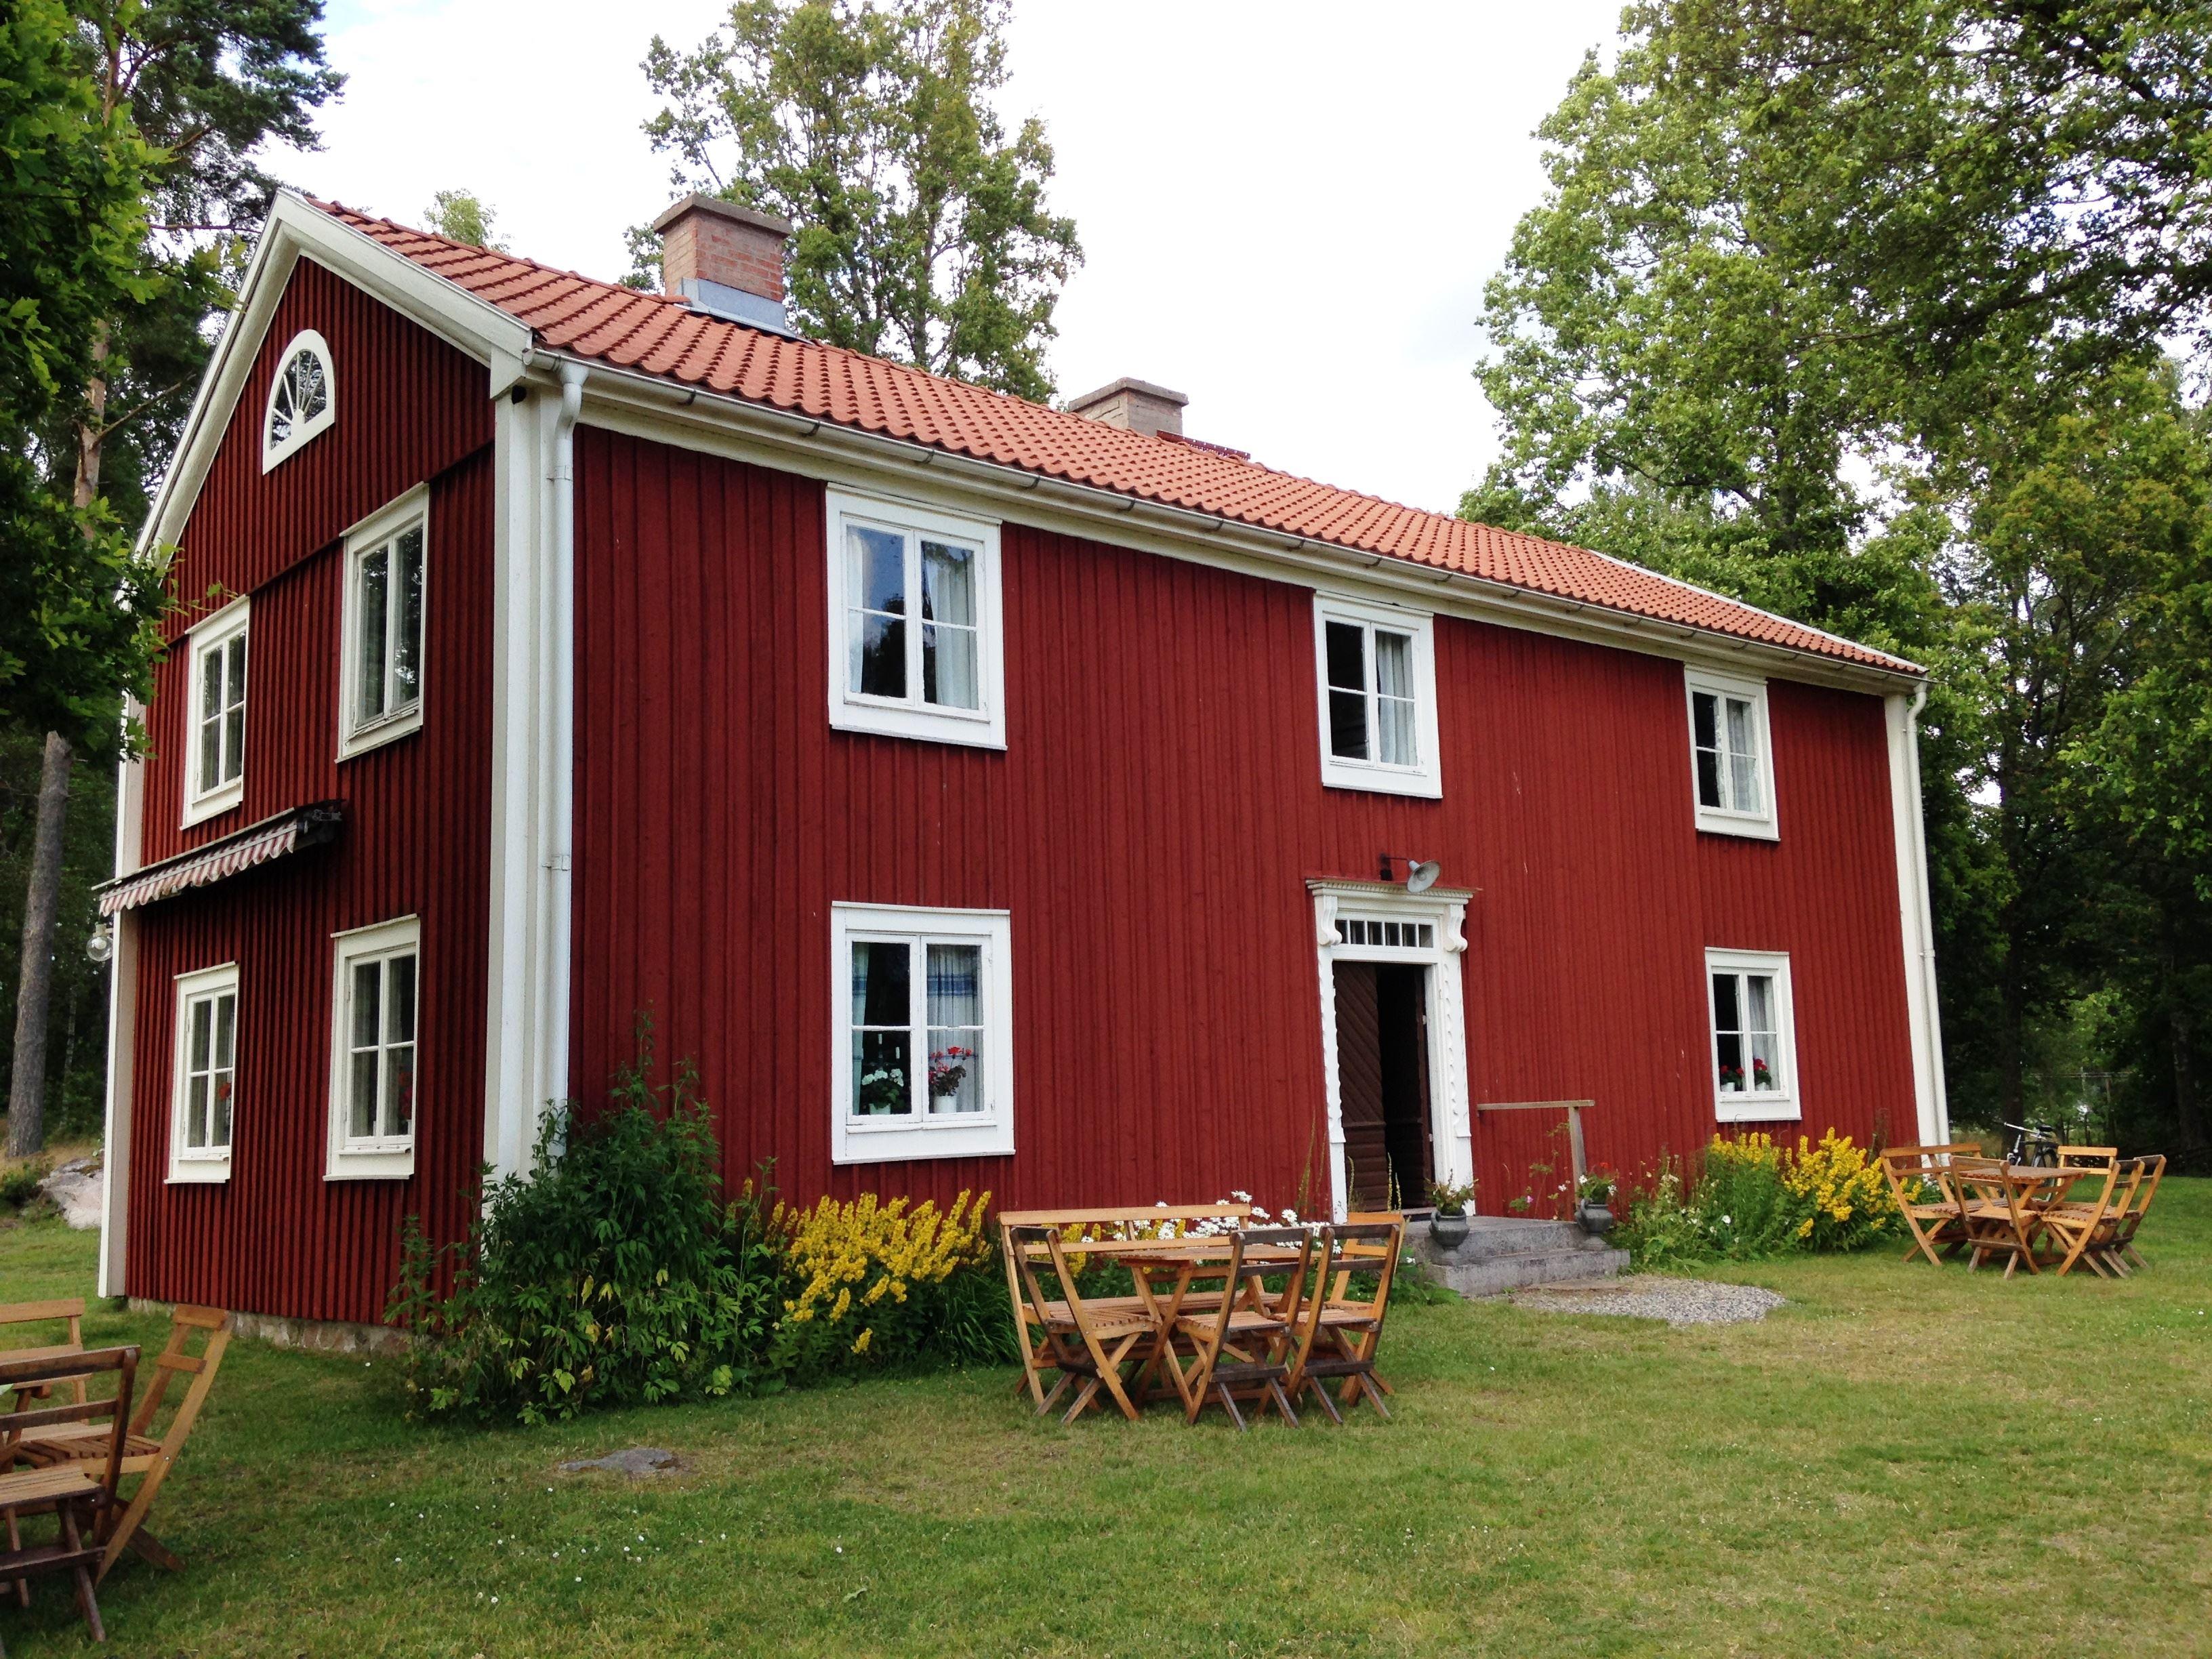 Rosenlund - Skatelöv's local history museum